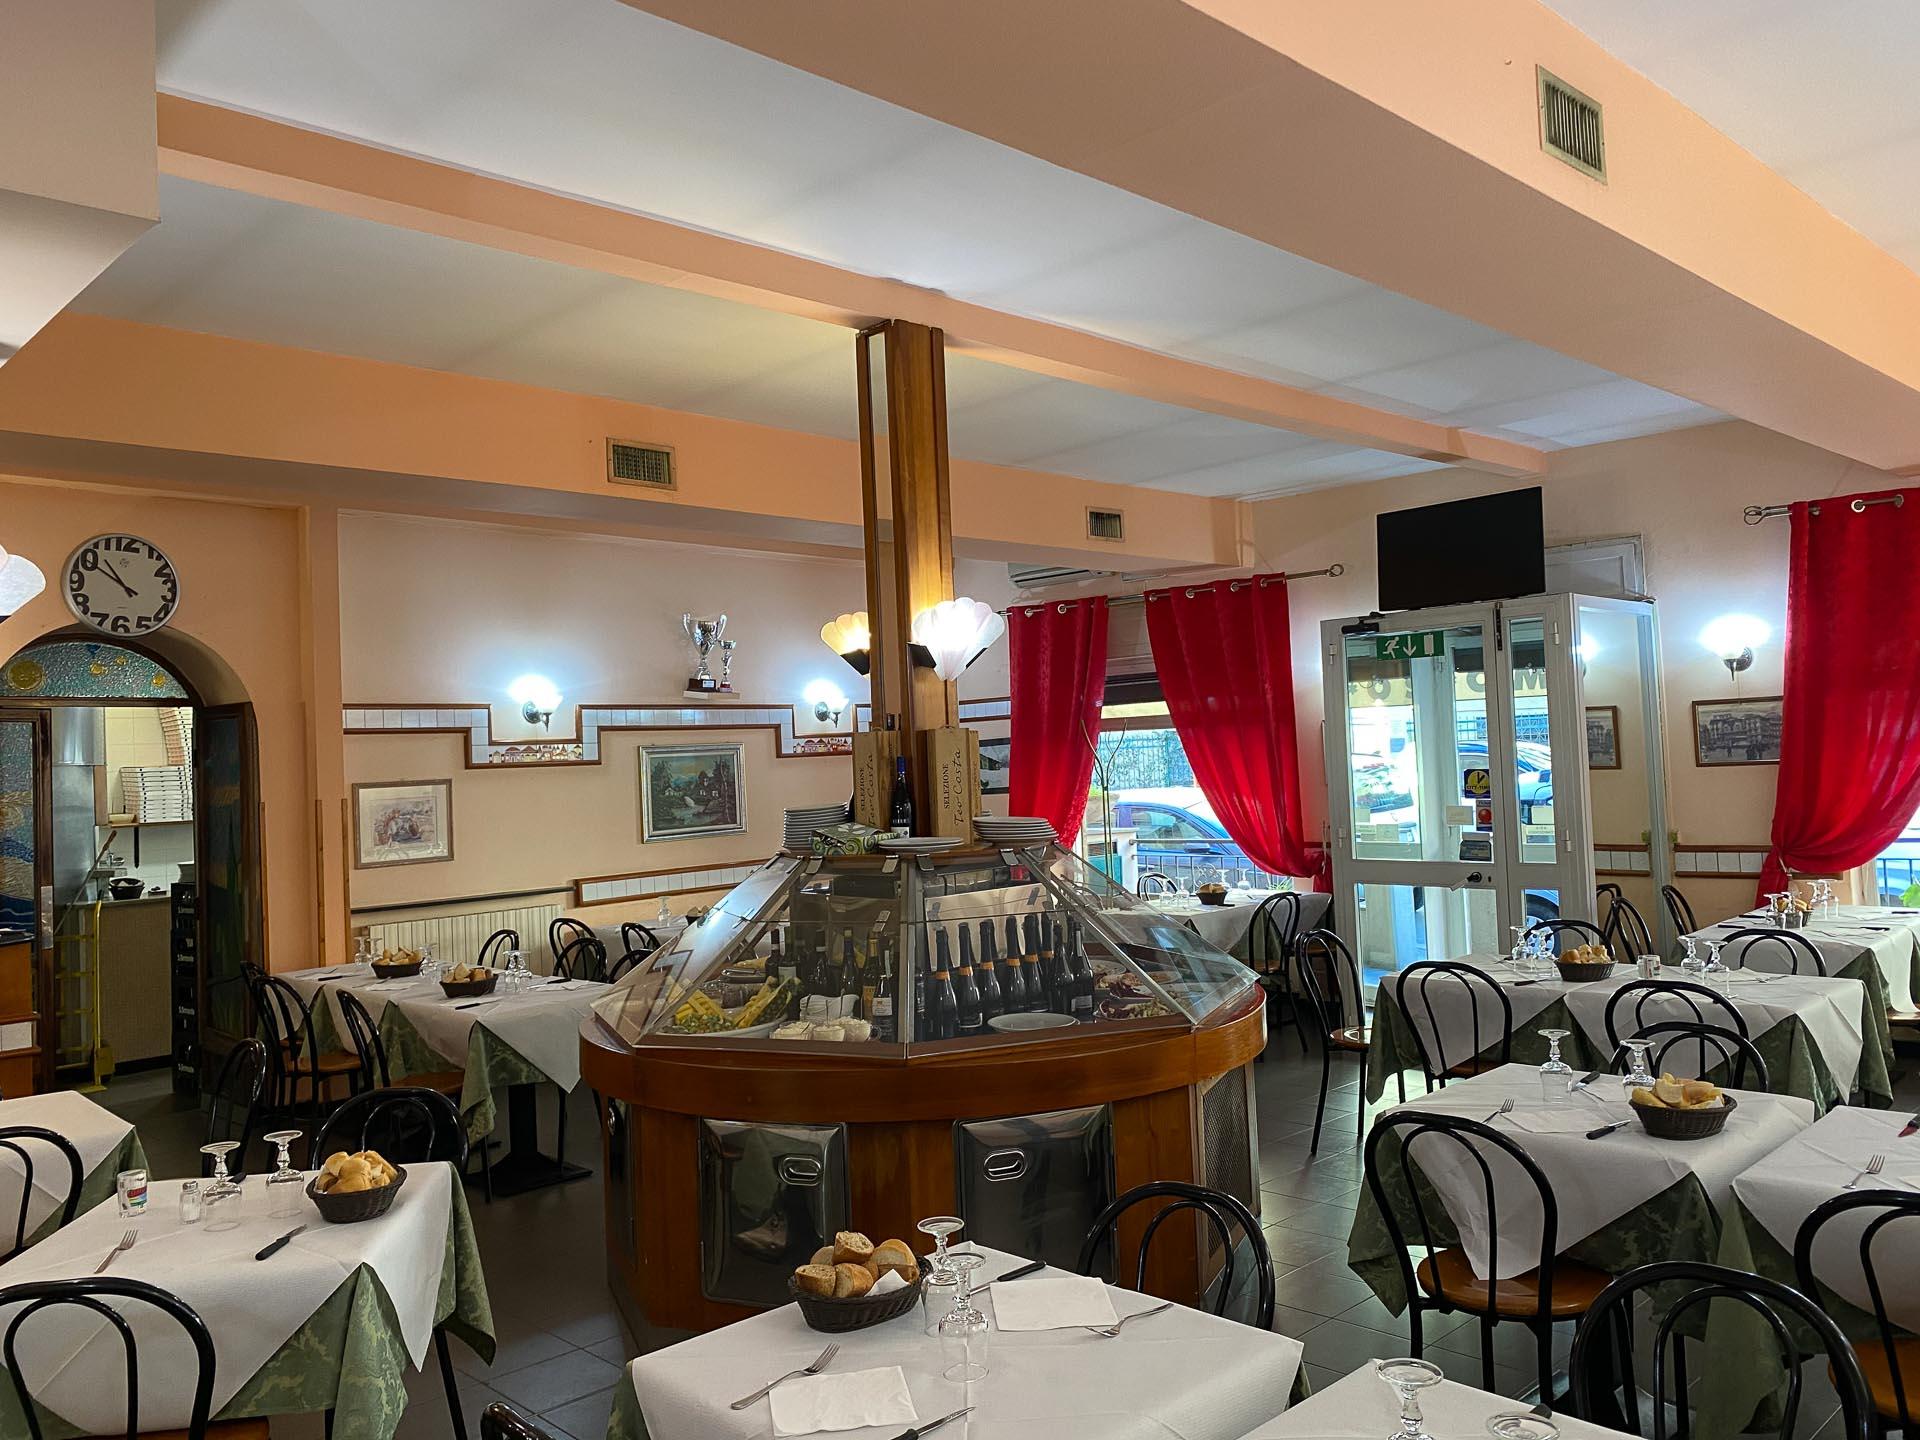 Pizzeria O Sole Mio Genova-19